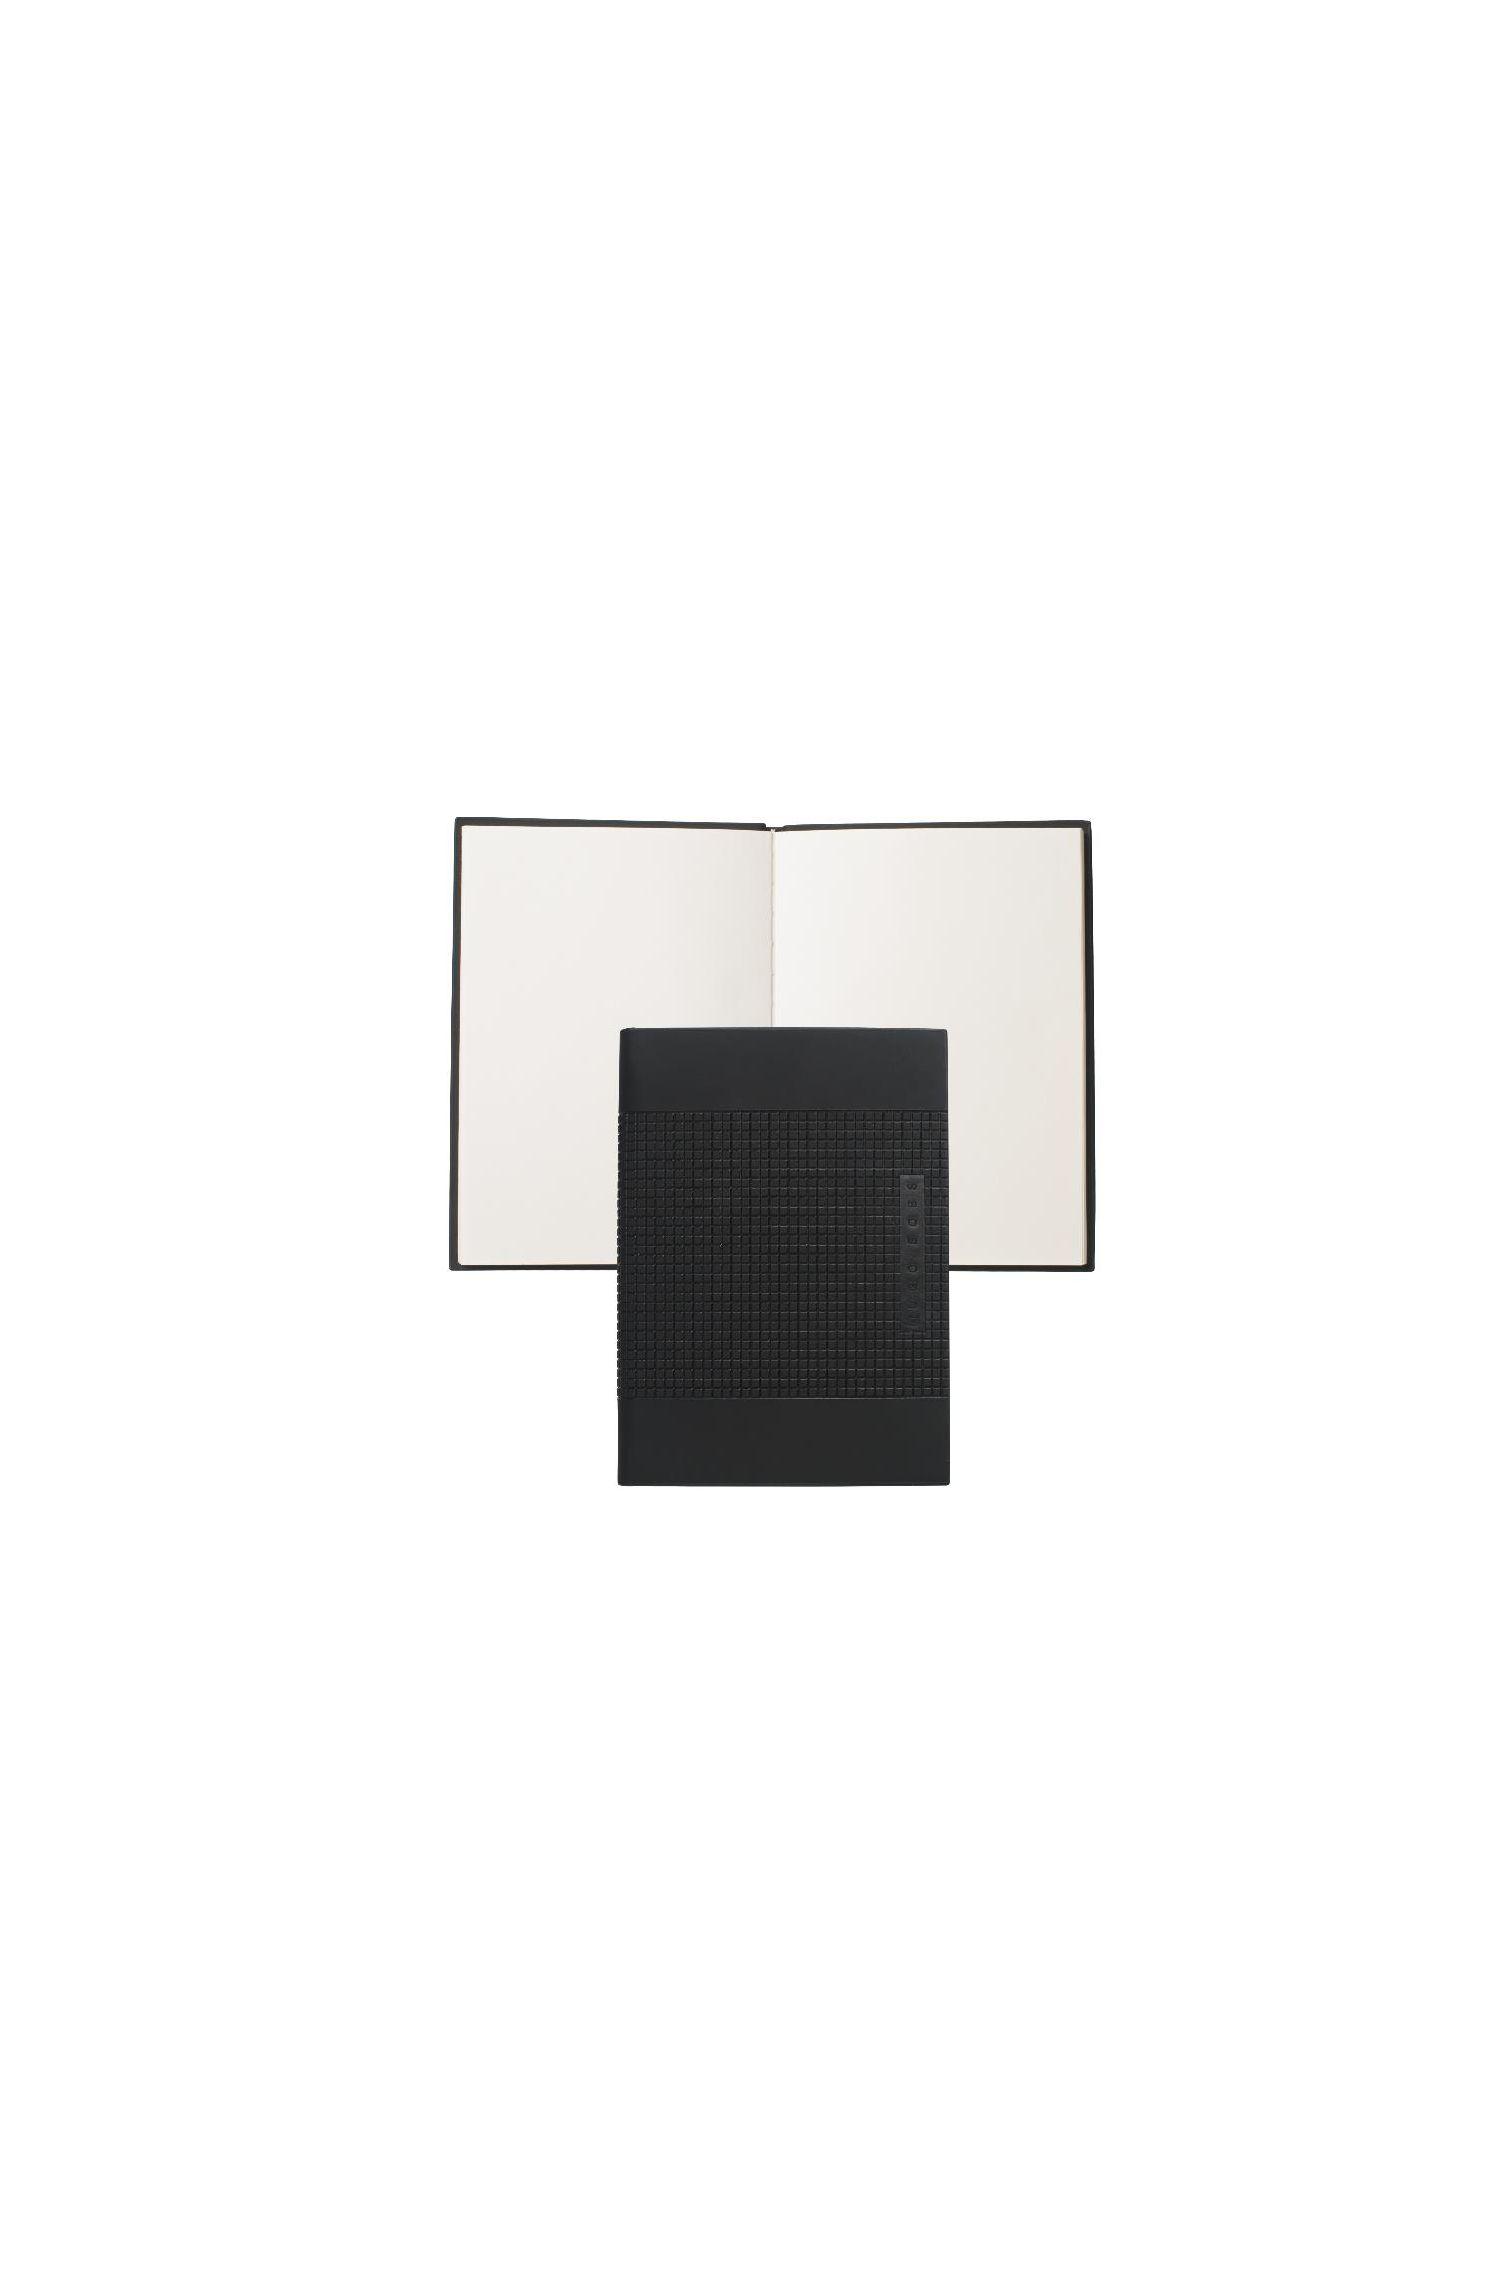 Notitieboek in DIN A6-formaat met gestructureerde harde kaft: 'Grid'